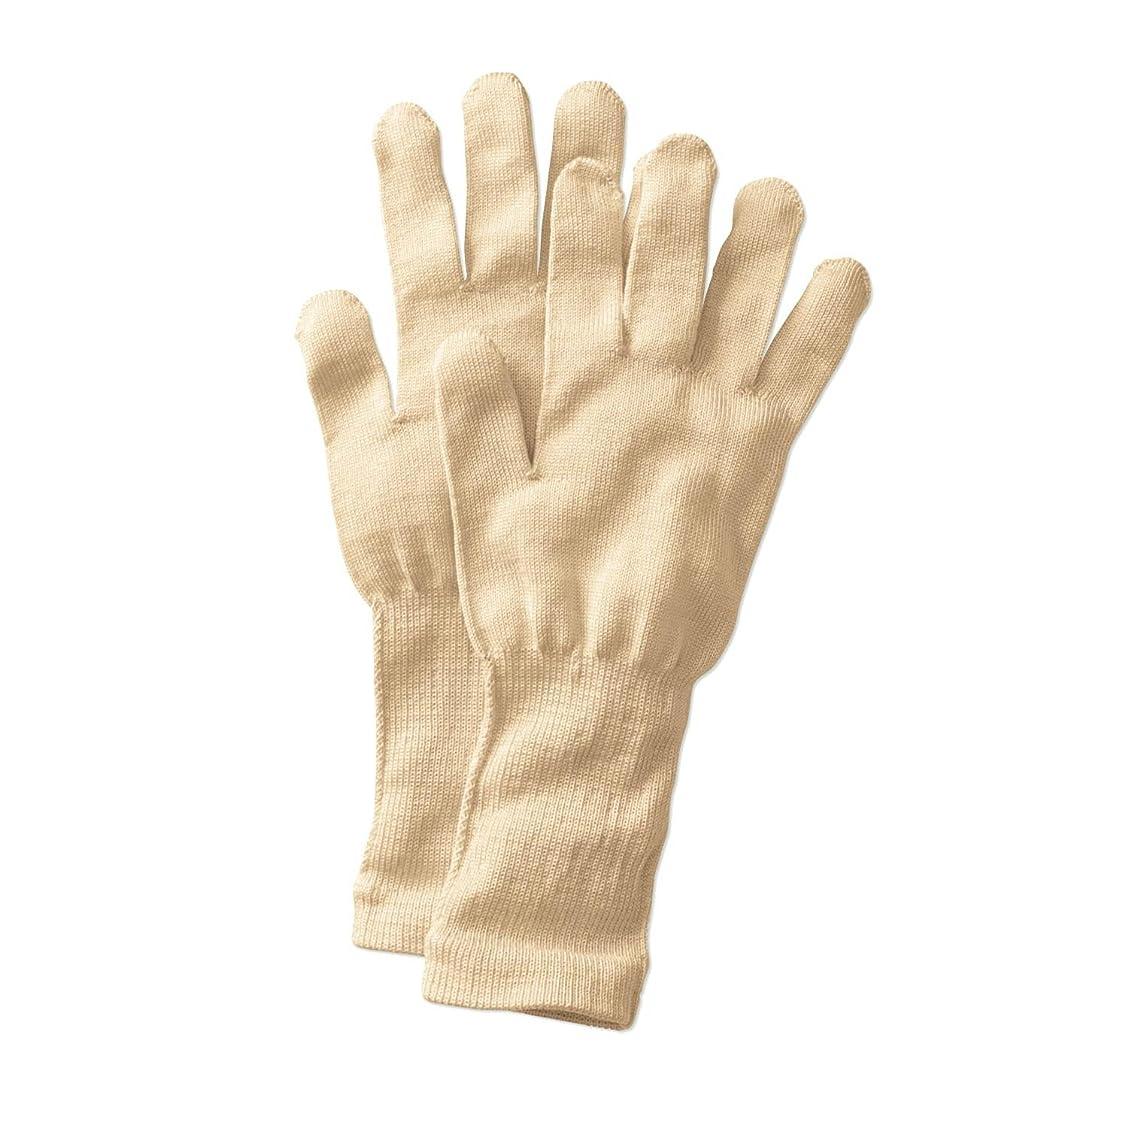 保有者いいねヒロイック[ベルメゾン] 手袋 シルク 冷え取り おやすみ あったか /冷えとり日和365 クリーム